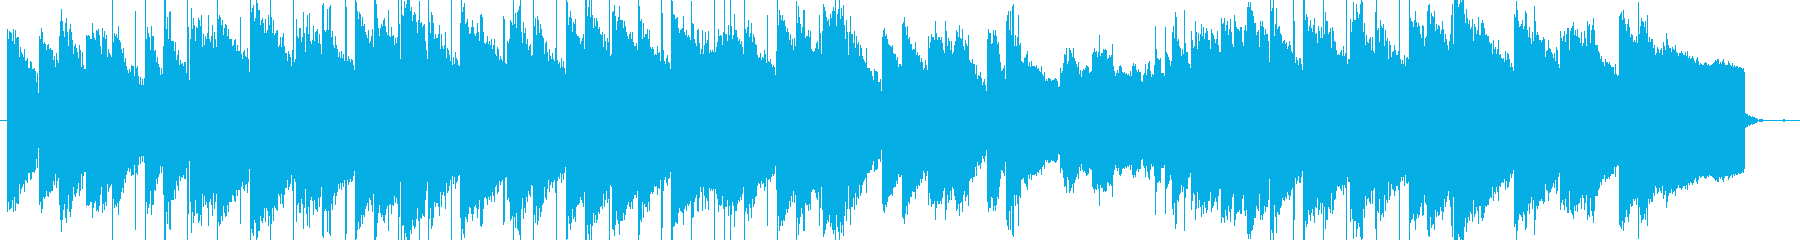 lofi風しっとりとしたピアノBGMの再生済みの波形